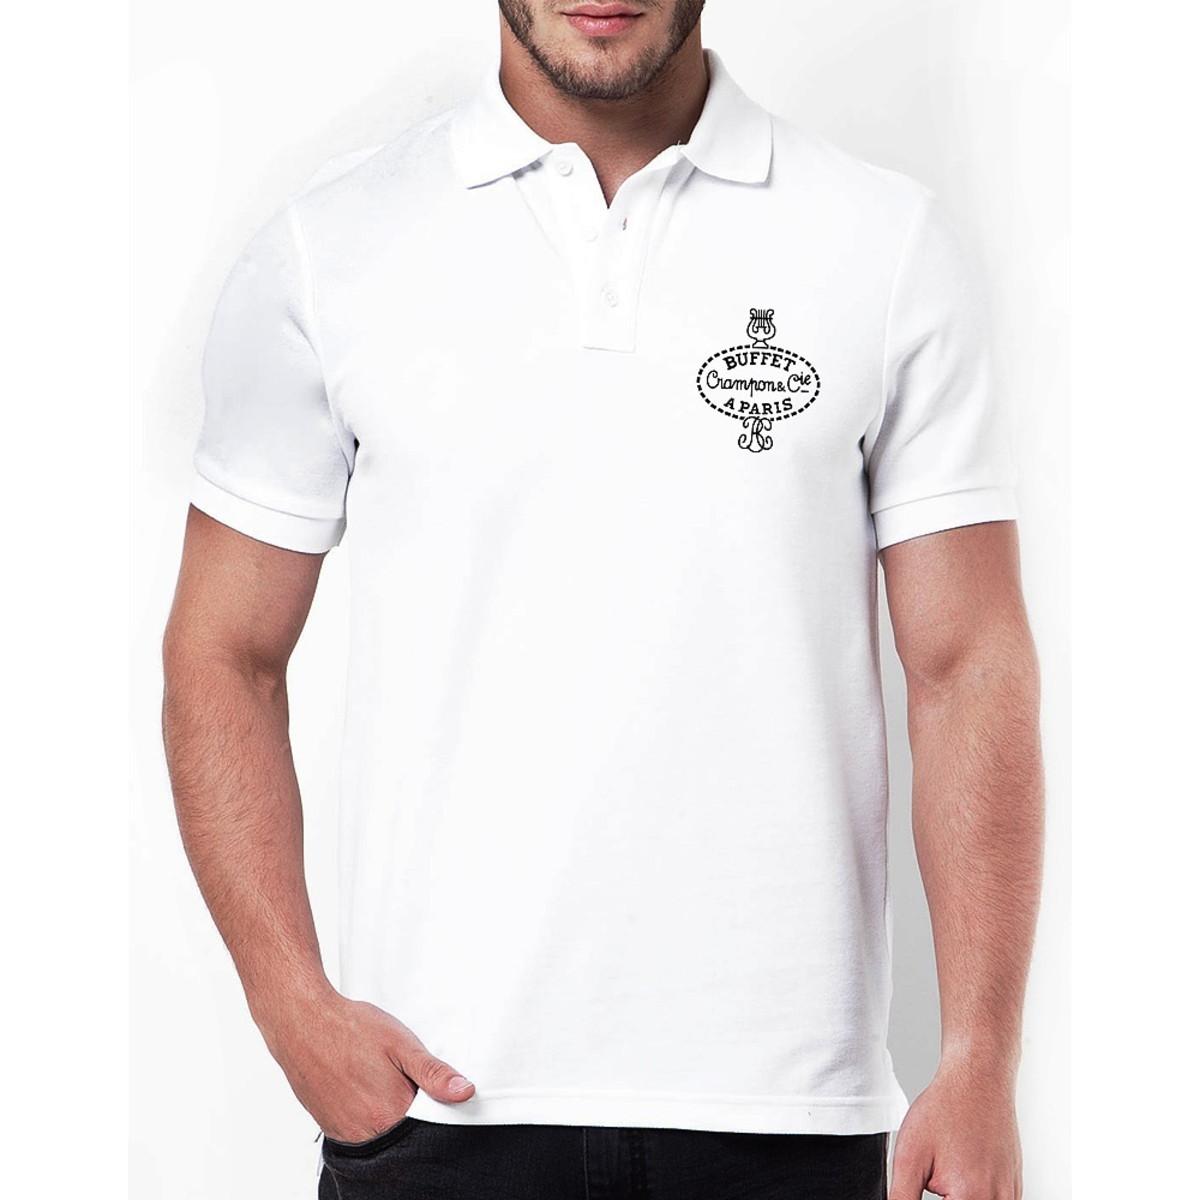 faa4e6dc8f546 Camisa Branca Polo no Elo7   TFT GUARDANAPOS ESPECIAIS (E33376)